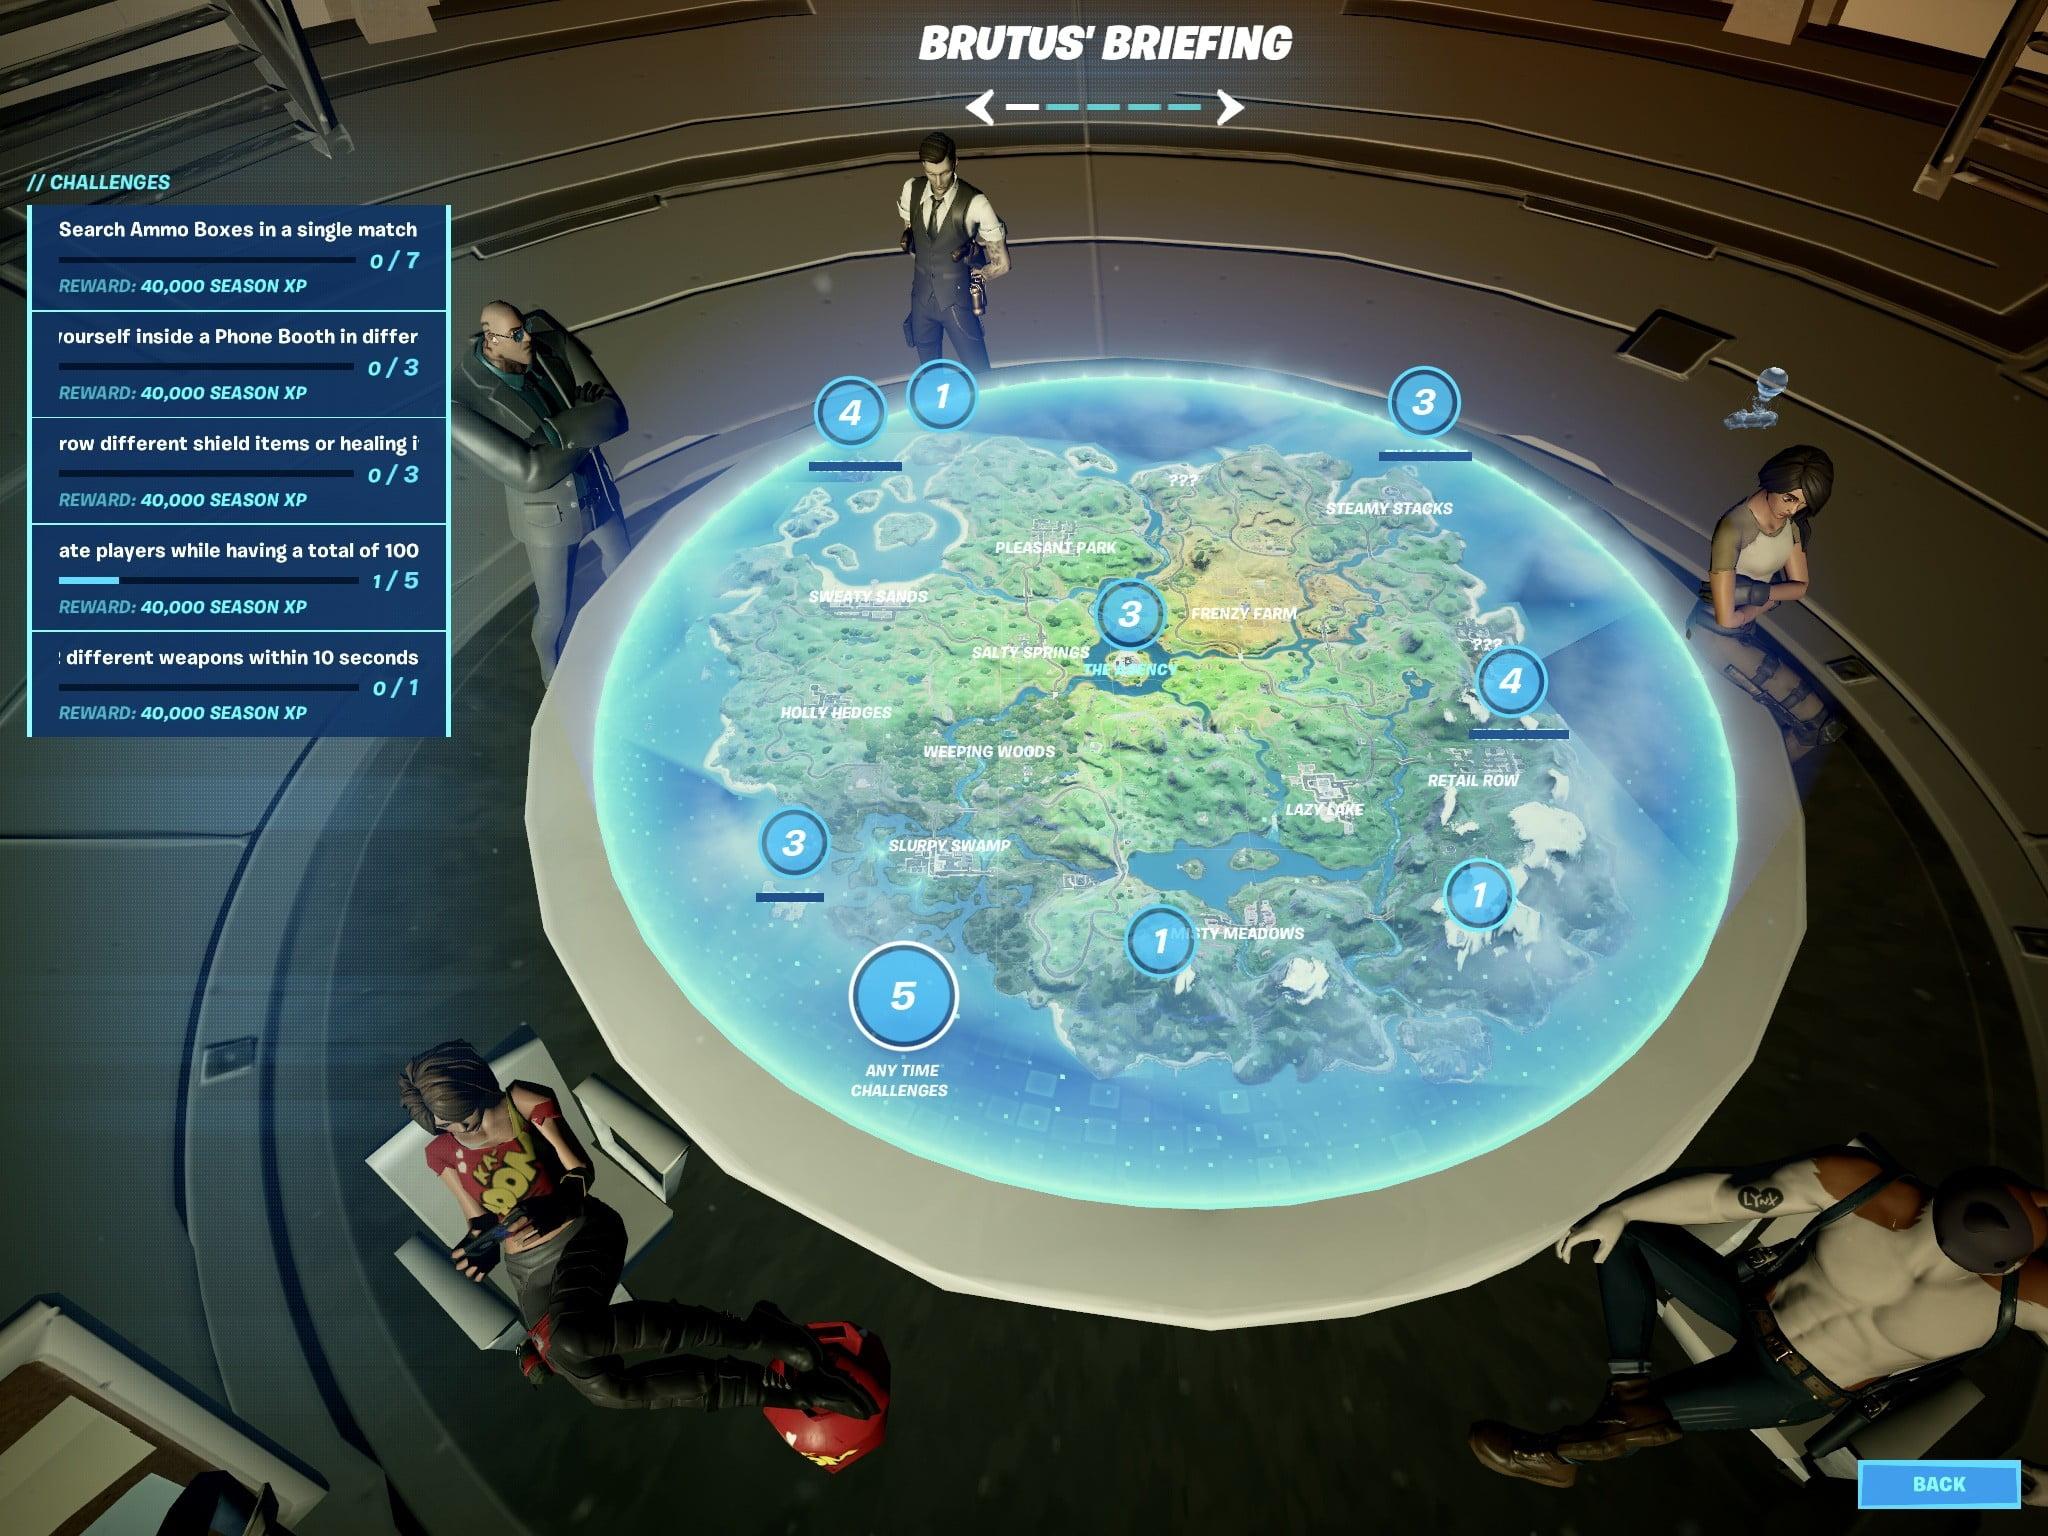 Briefings de Brutus dans Fortnite